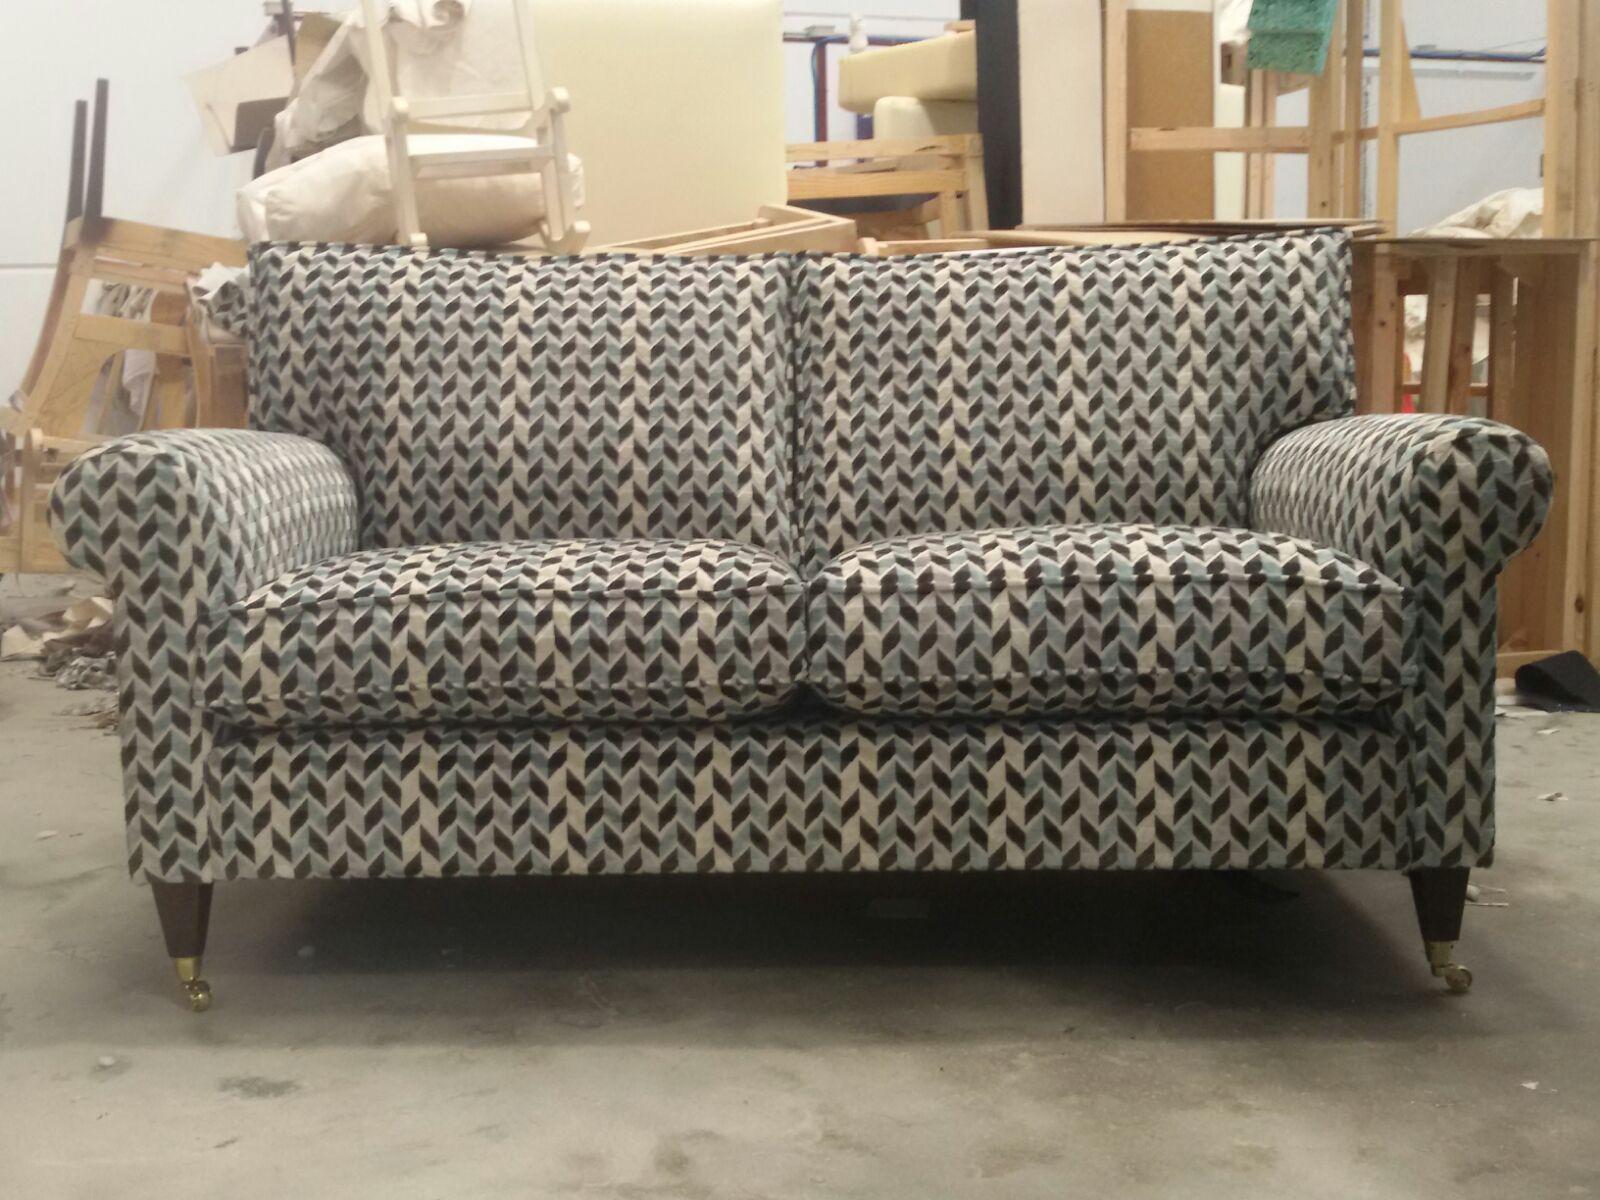 Trabajo de tapicero en madrid de sofas muebles sillones for Factory de muebles en madrid